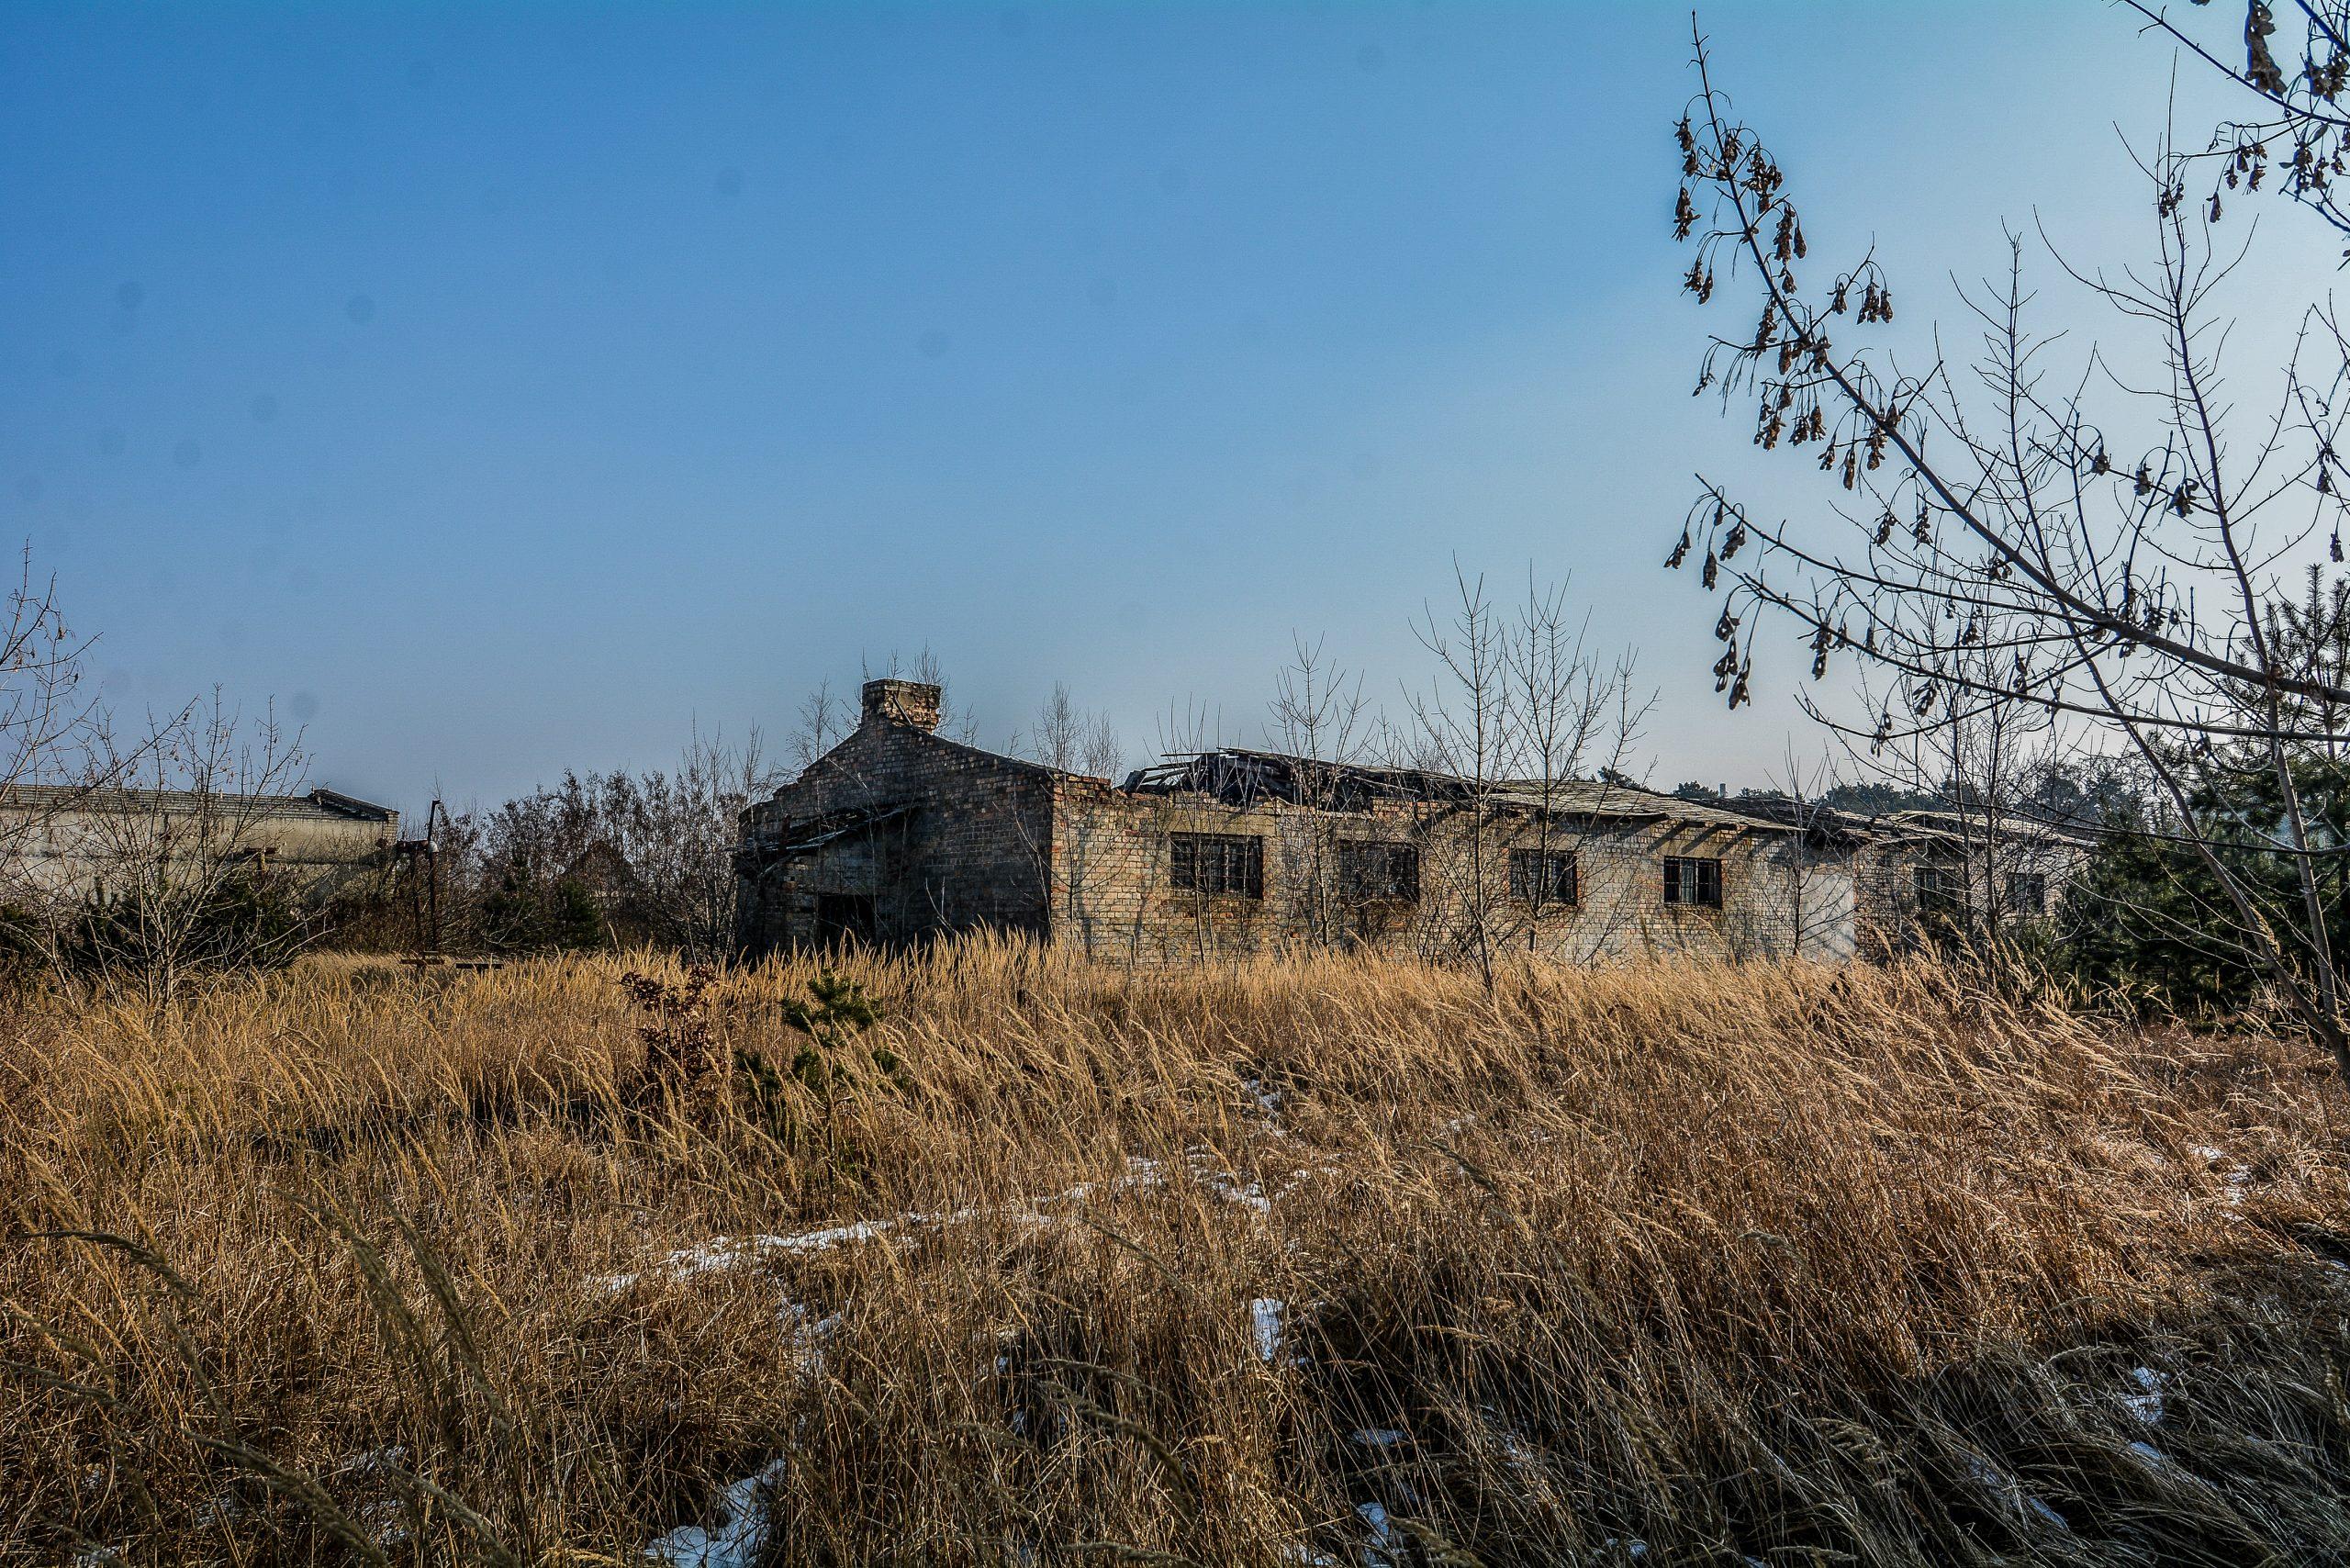 collapsed garage forst zinna adolf hitler lager luckenwalde juterbog sowjet kaserne soviet military barracks germany lost places urbex abandoned